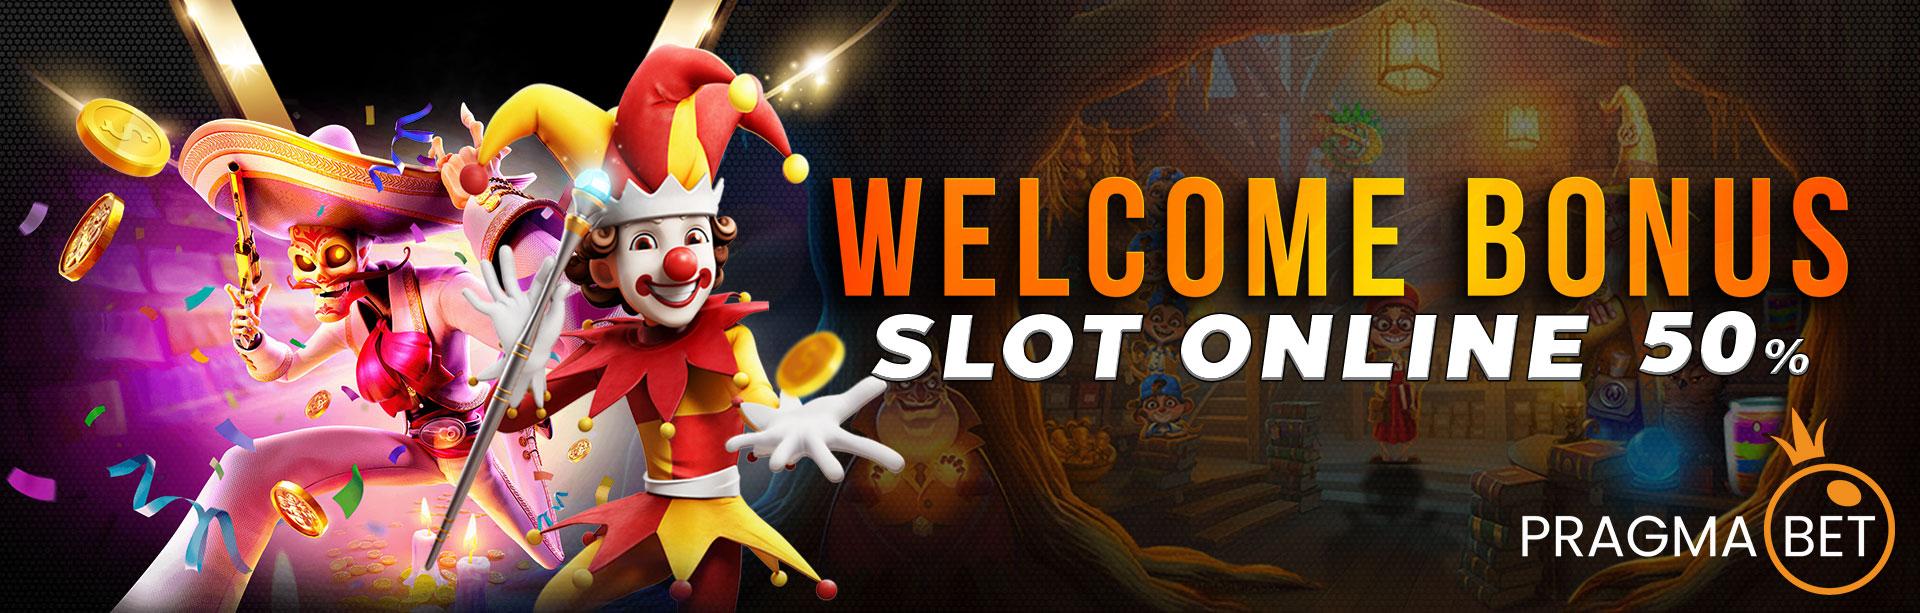 Bonus New Member Slot Online 50%